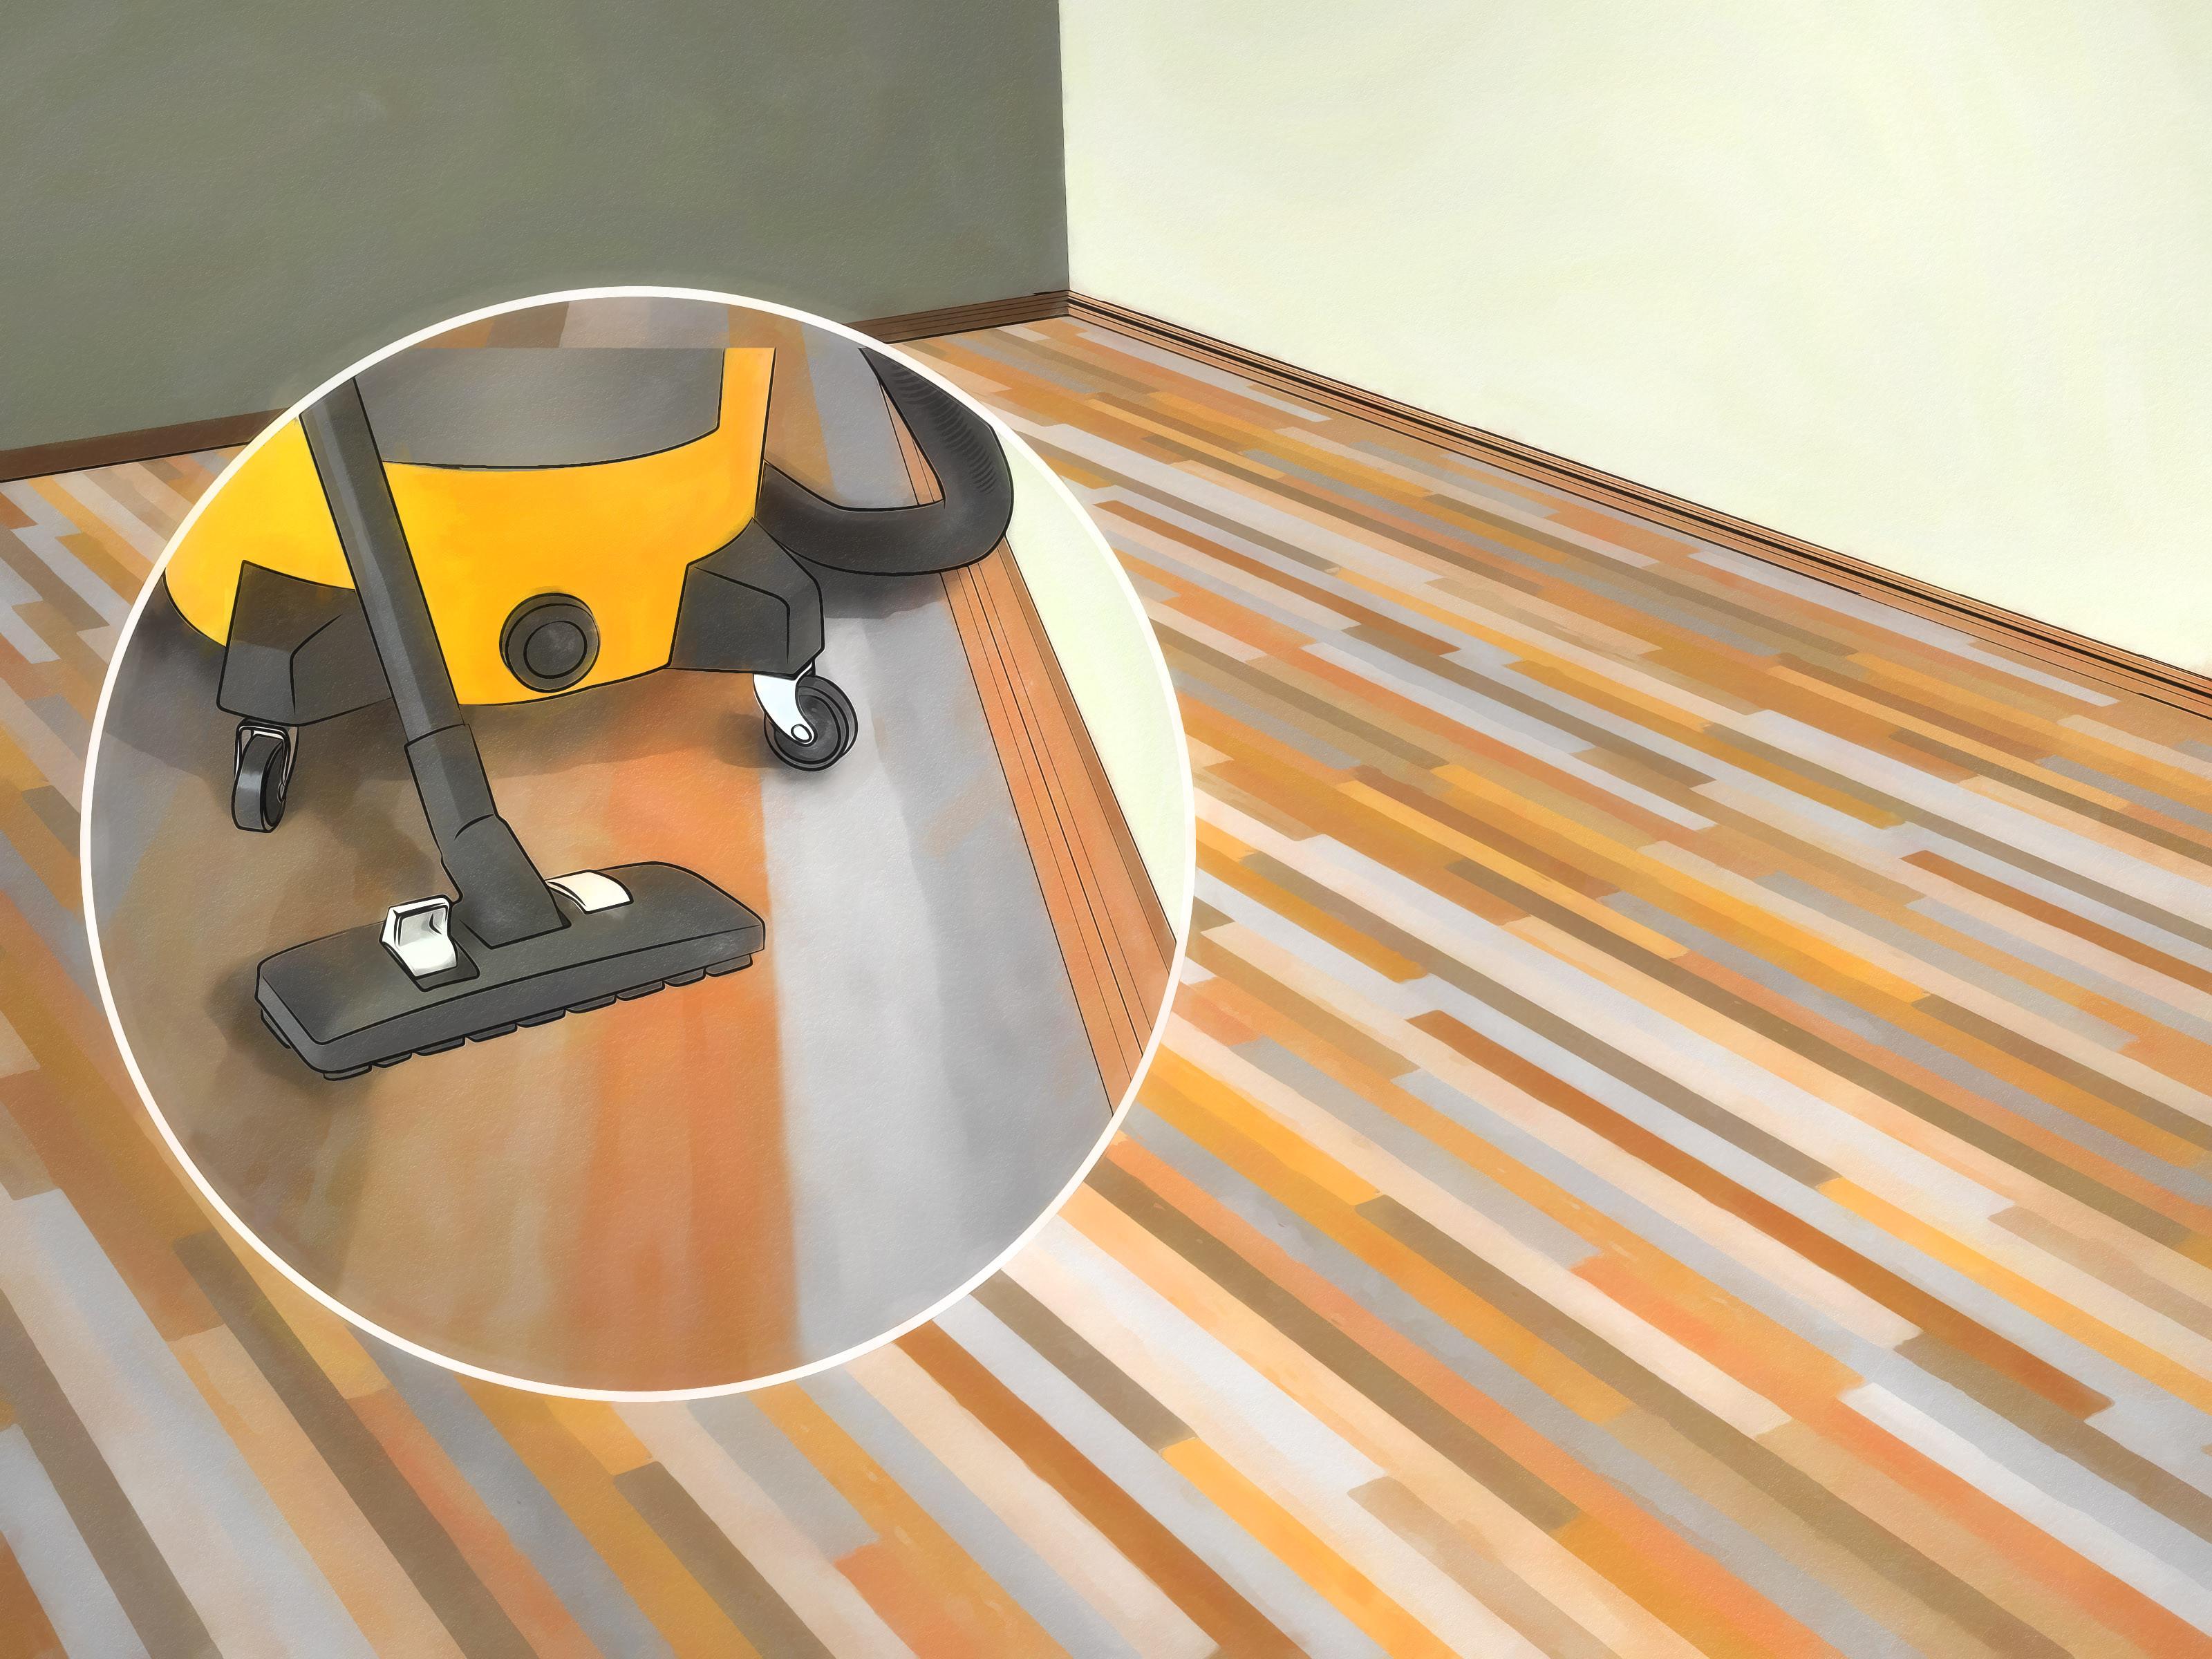 hardwood floor wax filler of how to sand hardwood floors with pictures wikihow in sand hardwood floors step 22